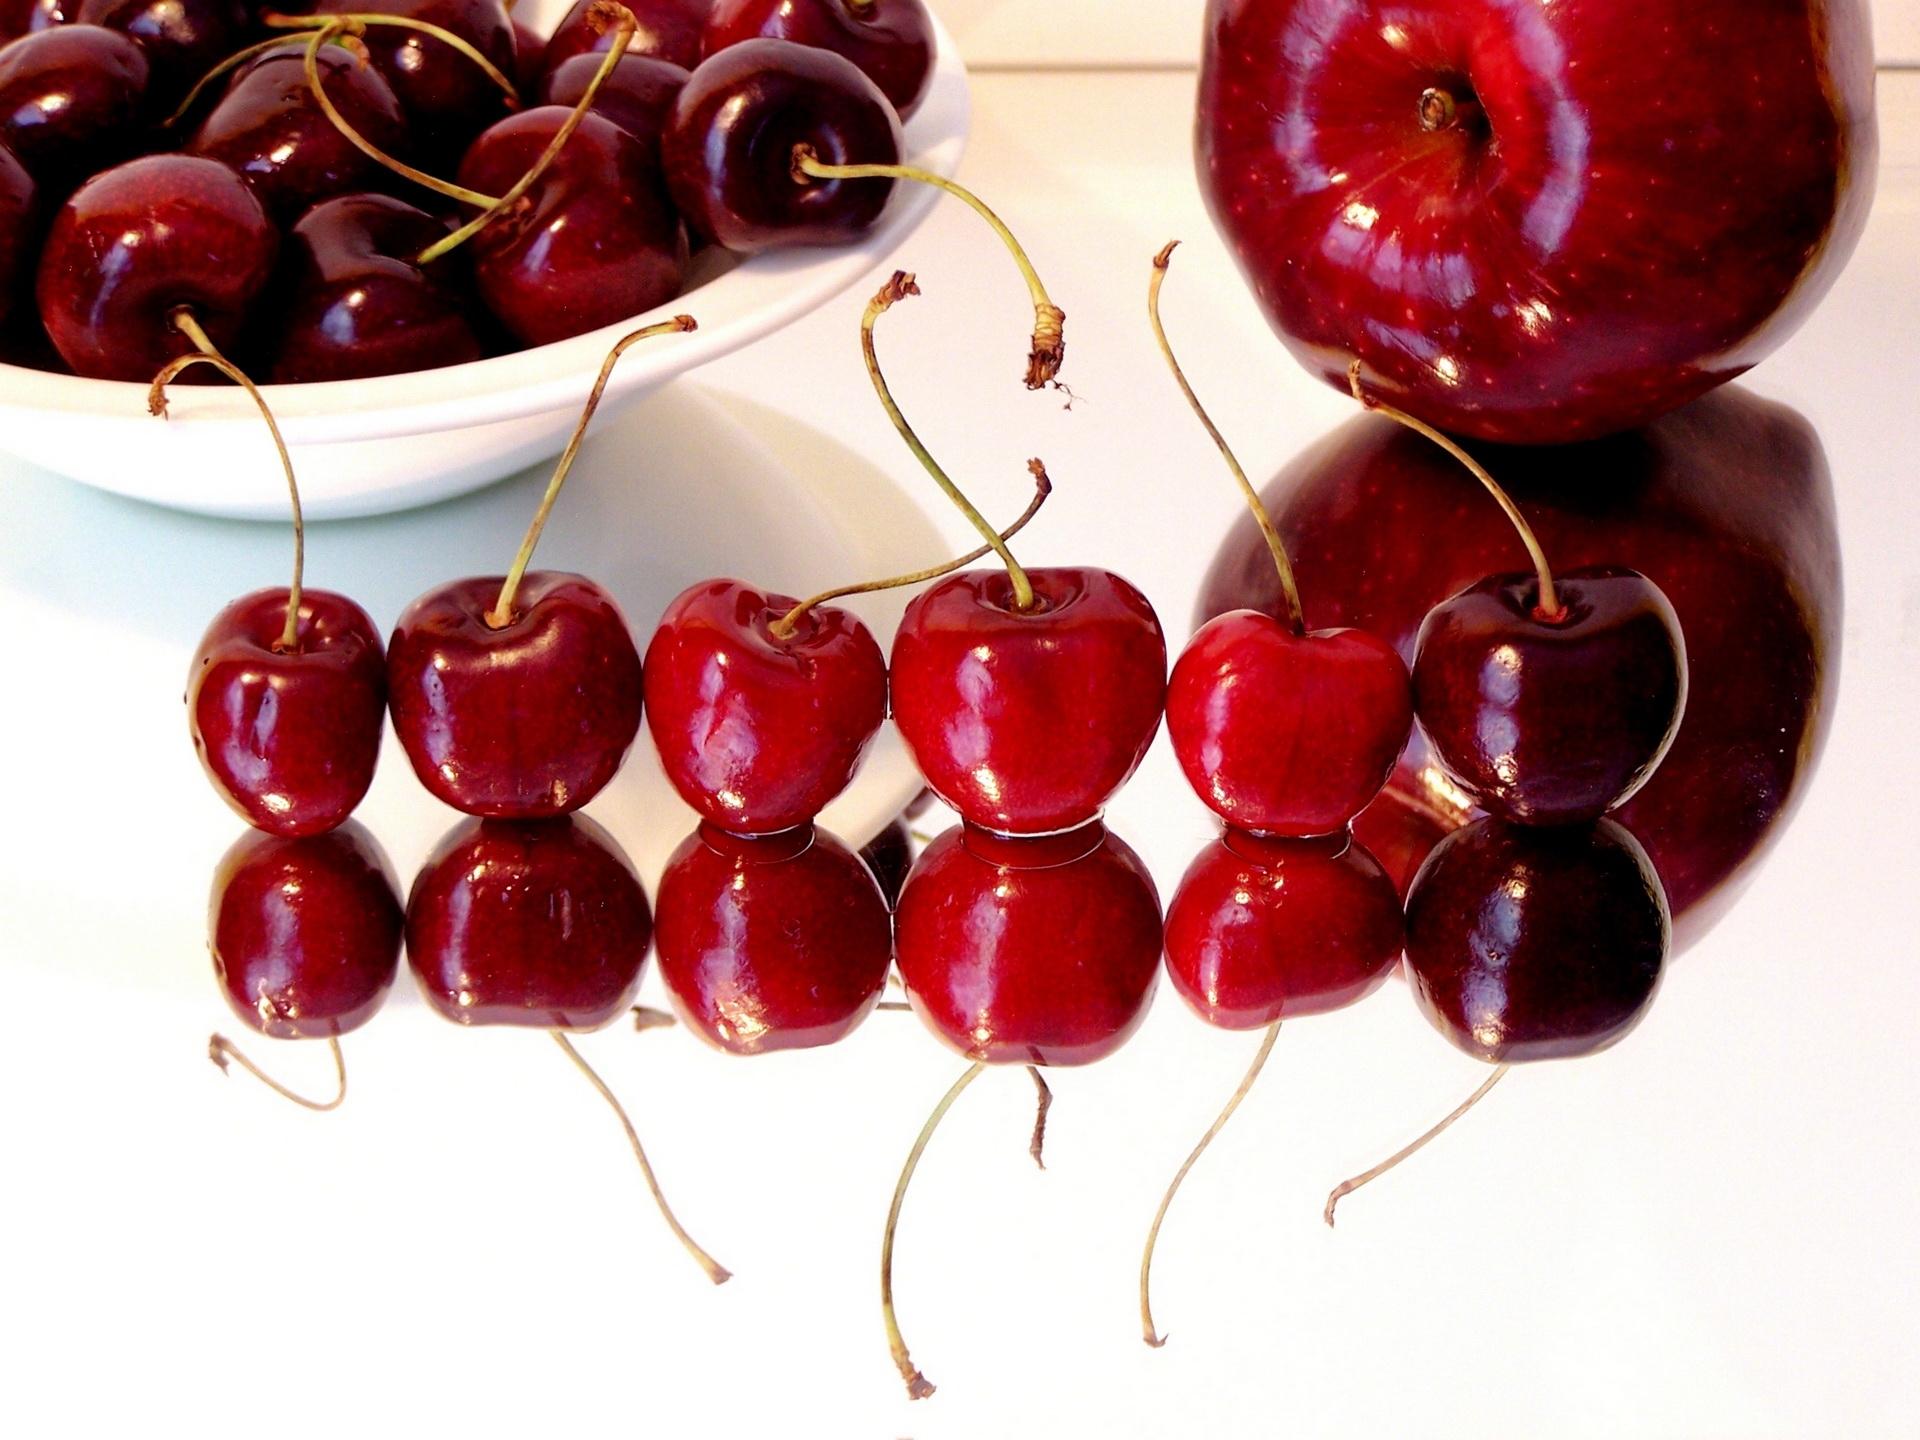 Hình nền : món ăn, Đỏ, Sự phản chiếu, bàn, trái cây, thực vật, quả mọng, quả anh đào, Sản xuất, Nhà máy đất, thực vật có hoa, Gia đình tăng, ...